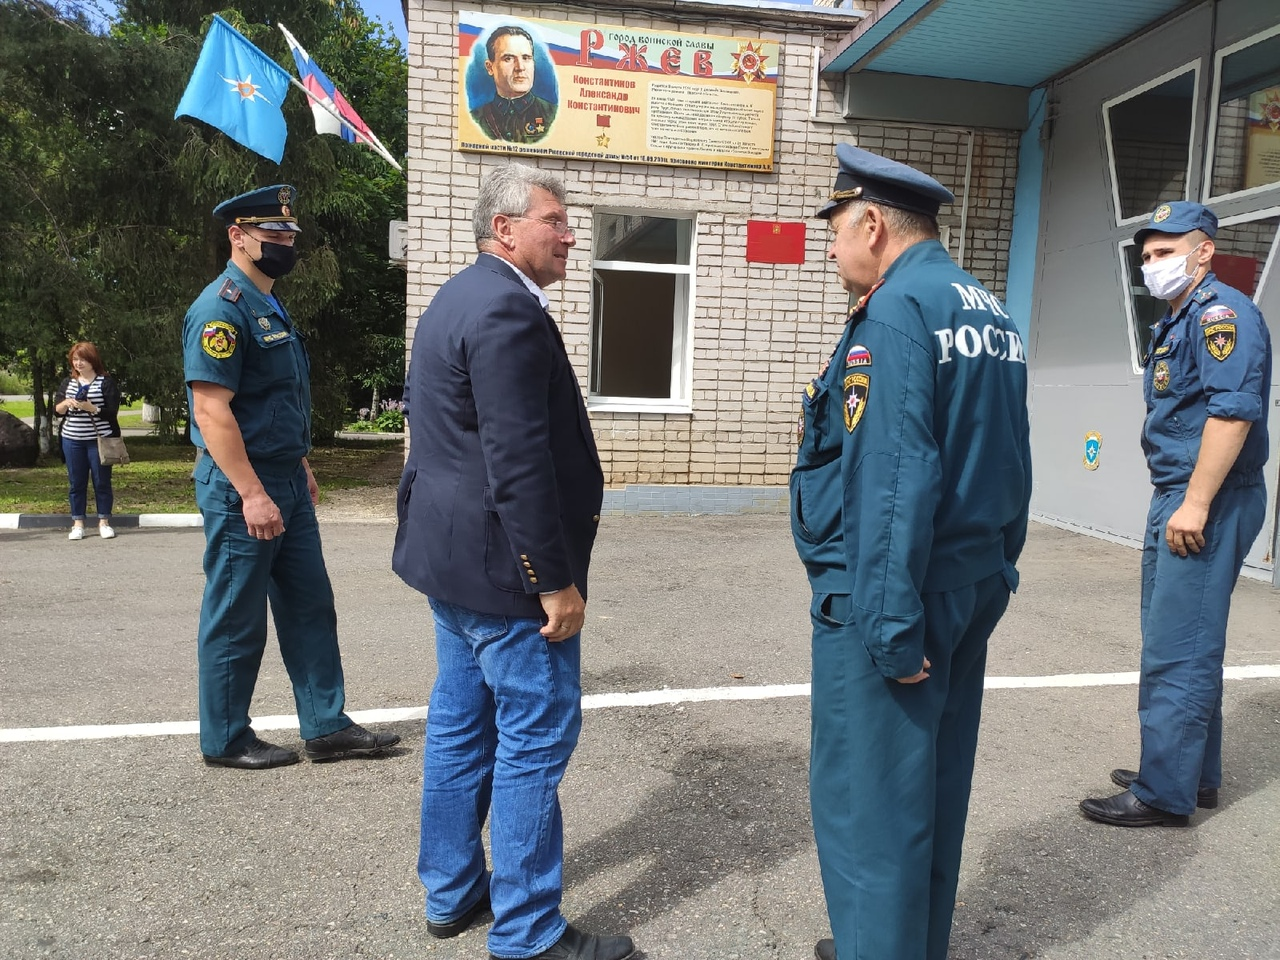 Андрей Белоцерковский посетил Ржевскуюпожарнуючасть имениГероя Советского Союза АлександраКонстантинова